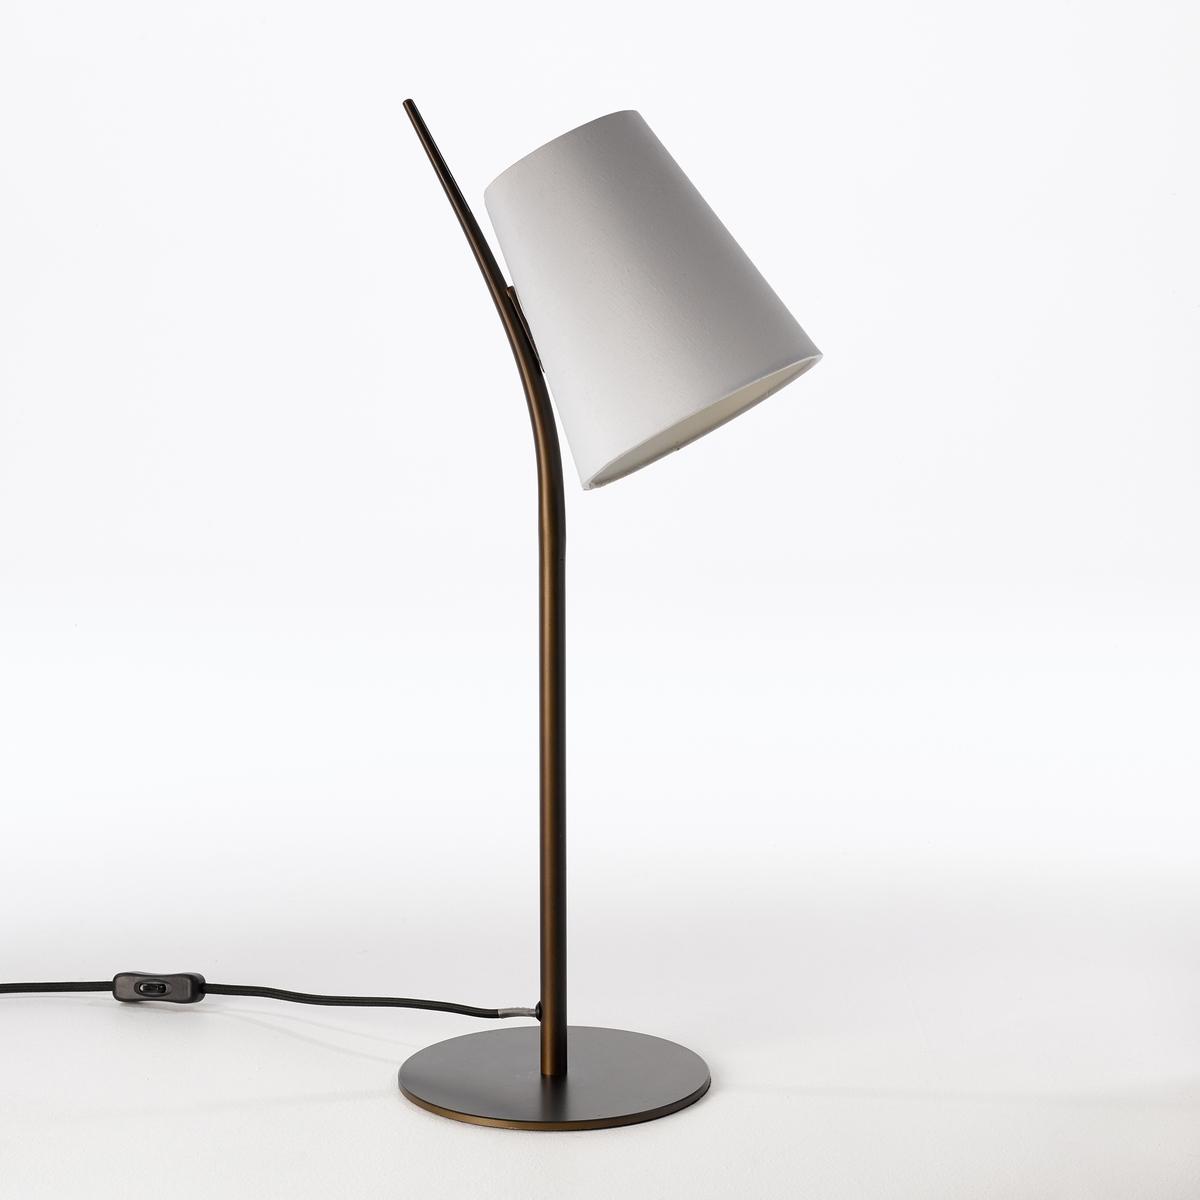 Лампа настольная, JouanicoНастольная лампа Jouanico. Успешное сочетание металла и хлопка для создания изящной лампы.Характеристики : - Из металла с покрытием эпоксидной краской бронзового цвета с эффектом старения- Абажур из хлопка- Патрон E14 для компактной лампы макс. 8 Вт (продается отдельно)- Совместима с лампами класса энергопотребления AРазмеры : - Ш.26 x В.56,8 x Г.18 см<br><br>Цвет: белый